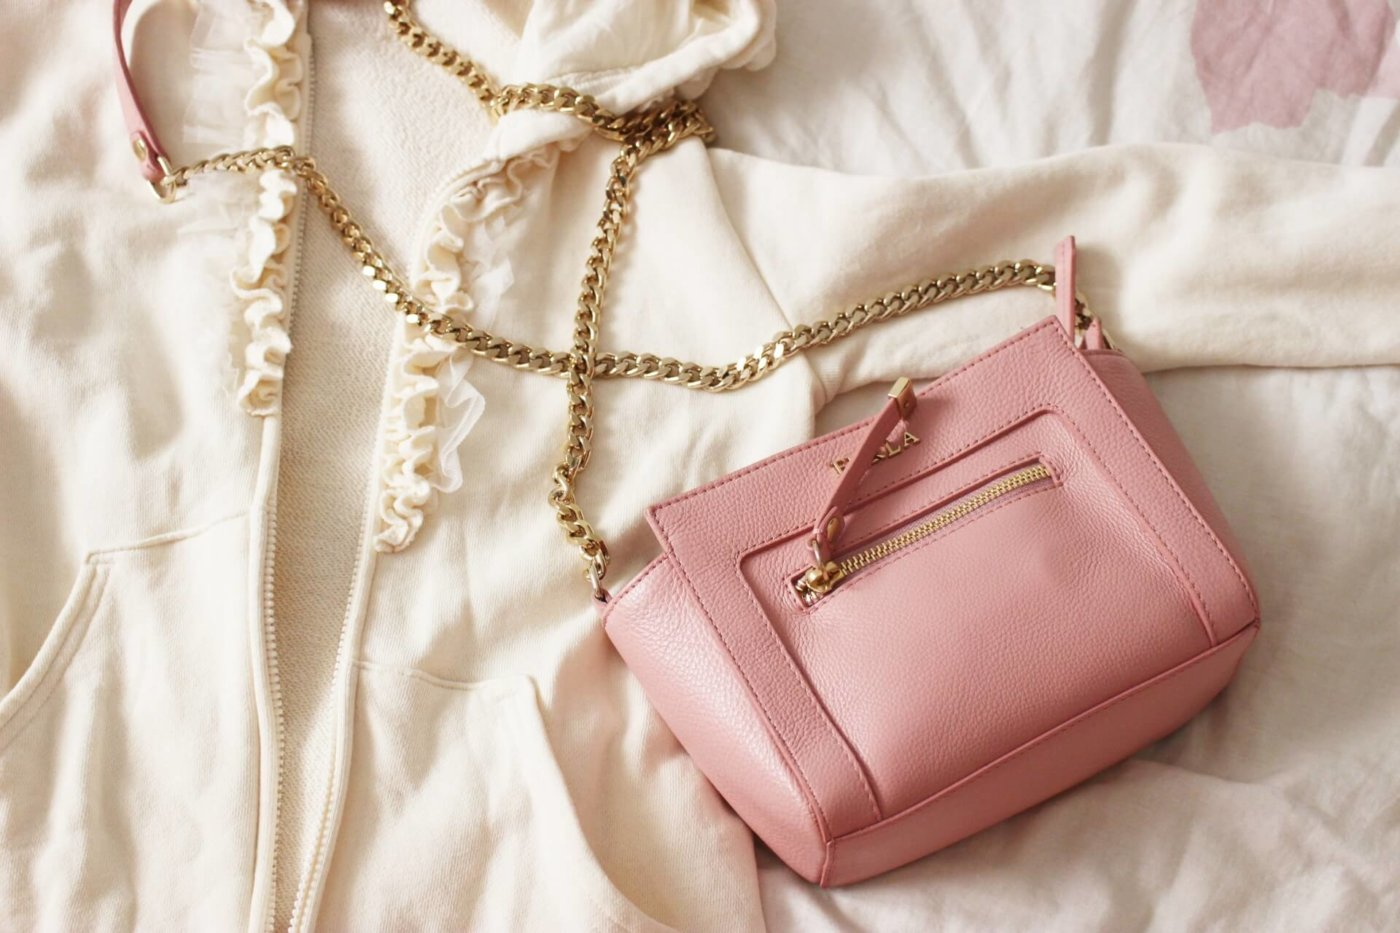 結婚式二次会で役立つバッグは?